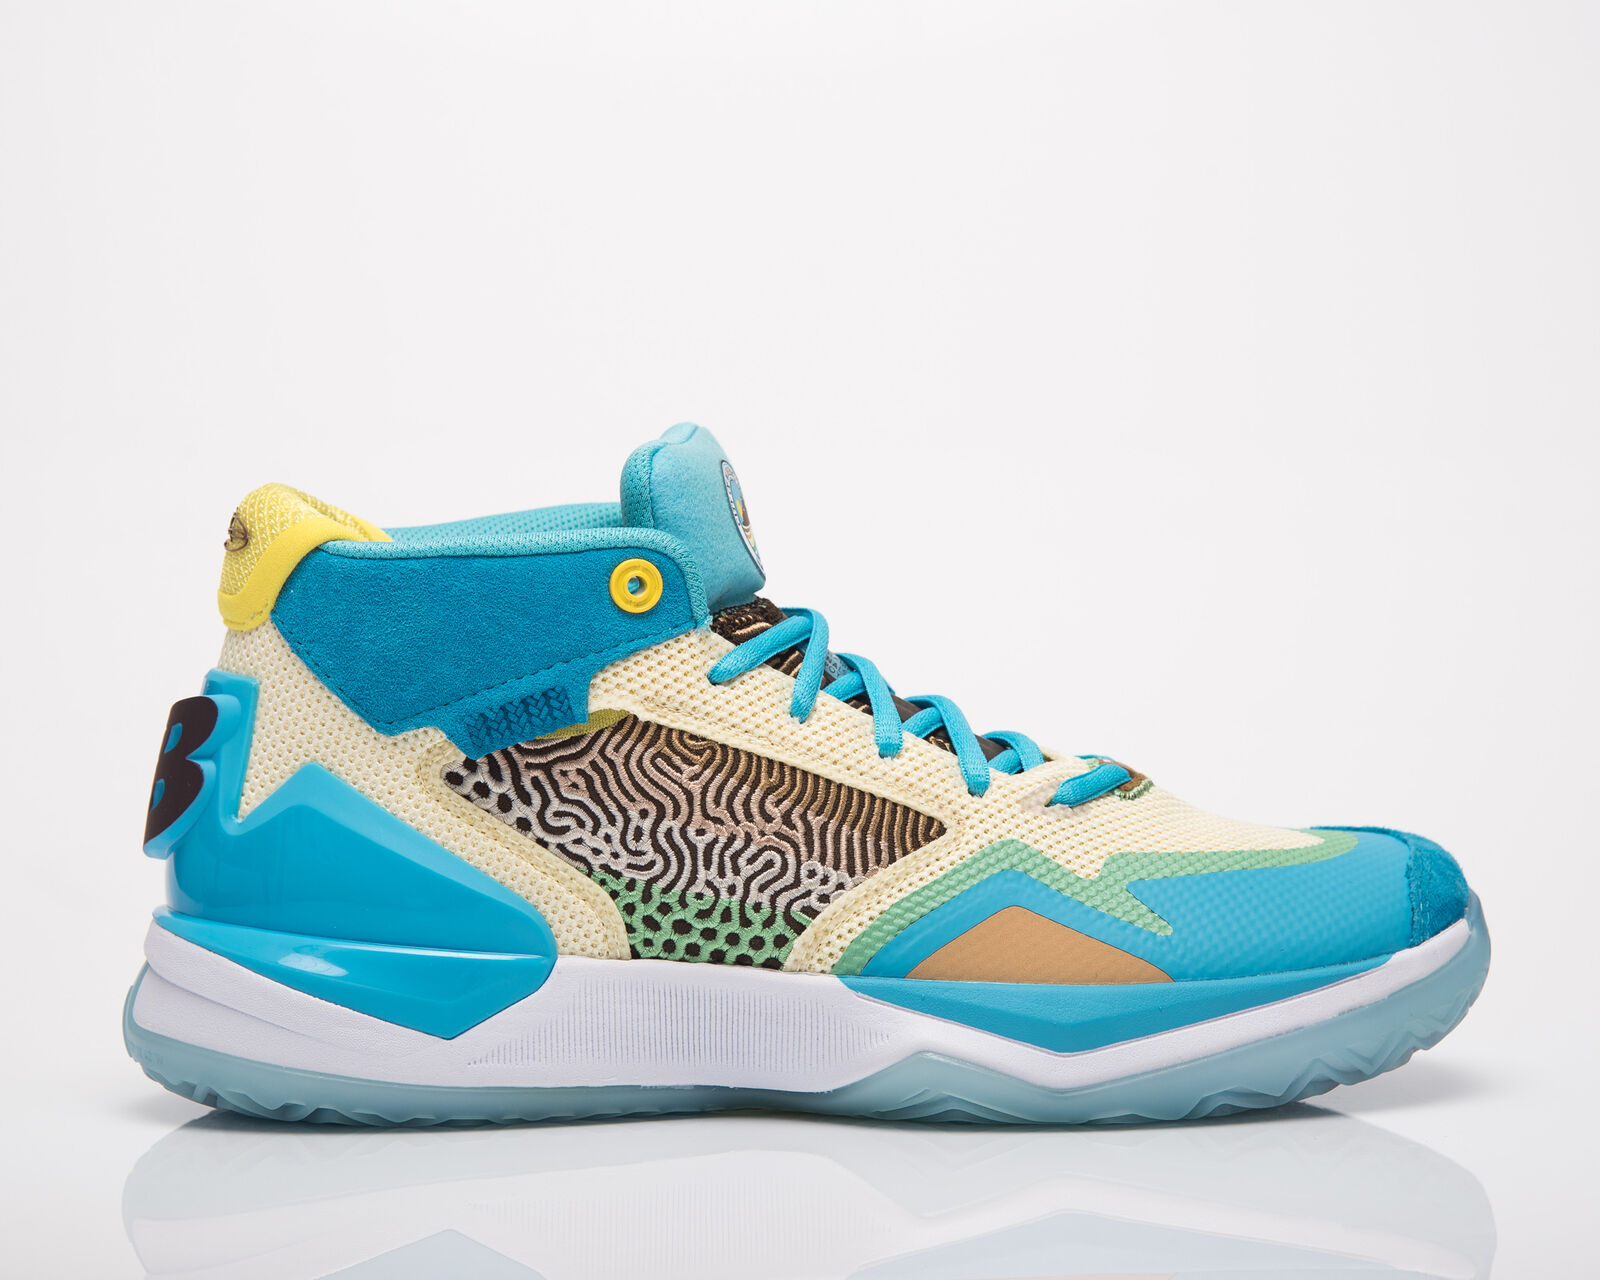 New balance kawhi moreno valley man Bayside Citra yellow basketball shoes